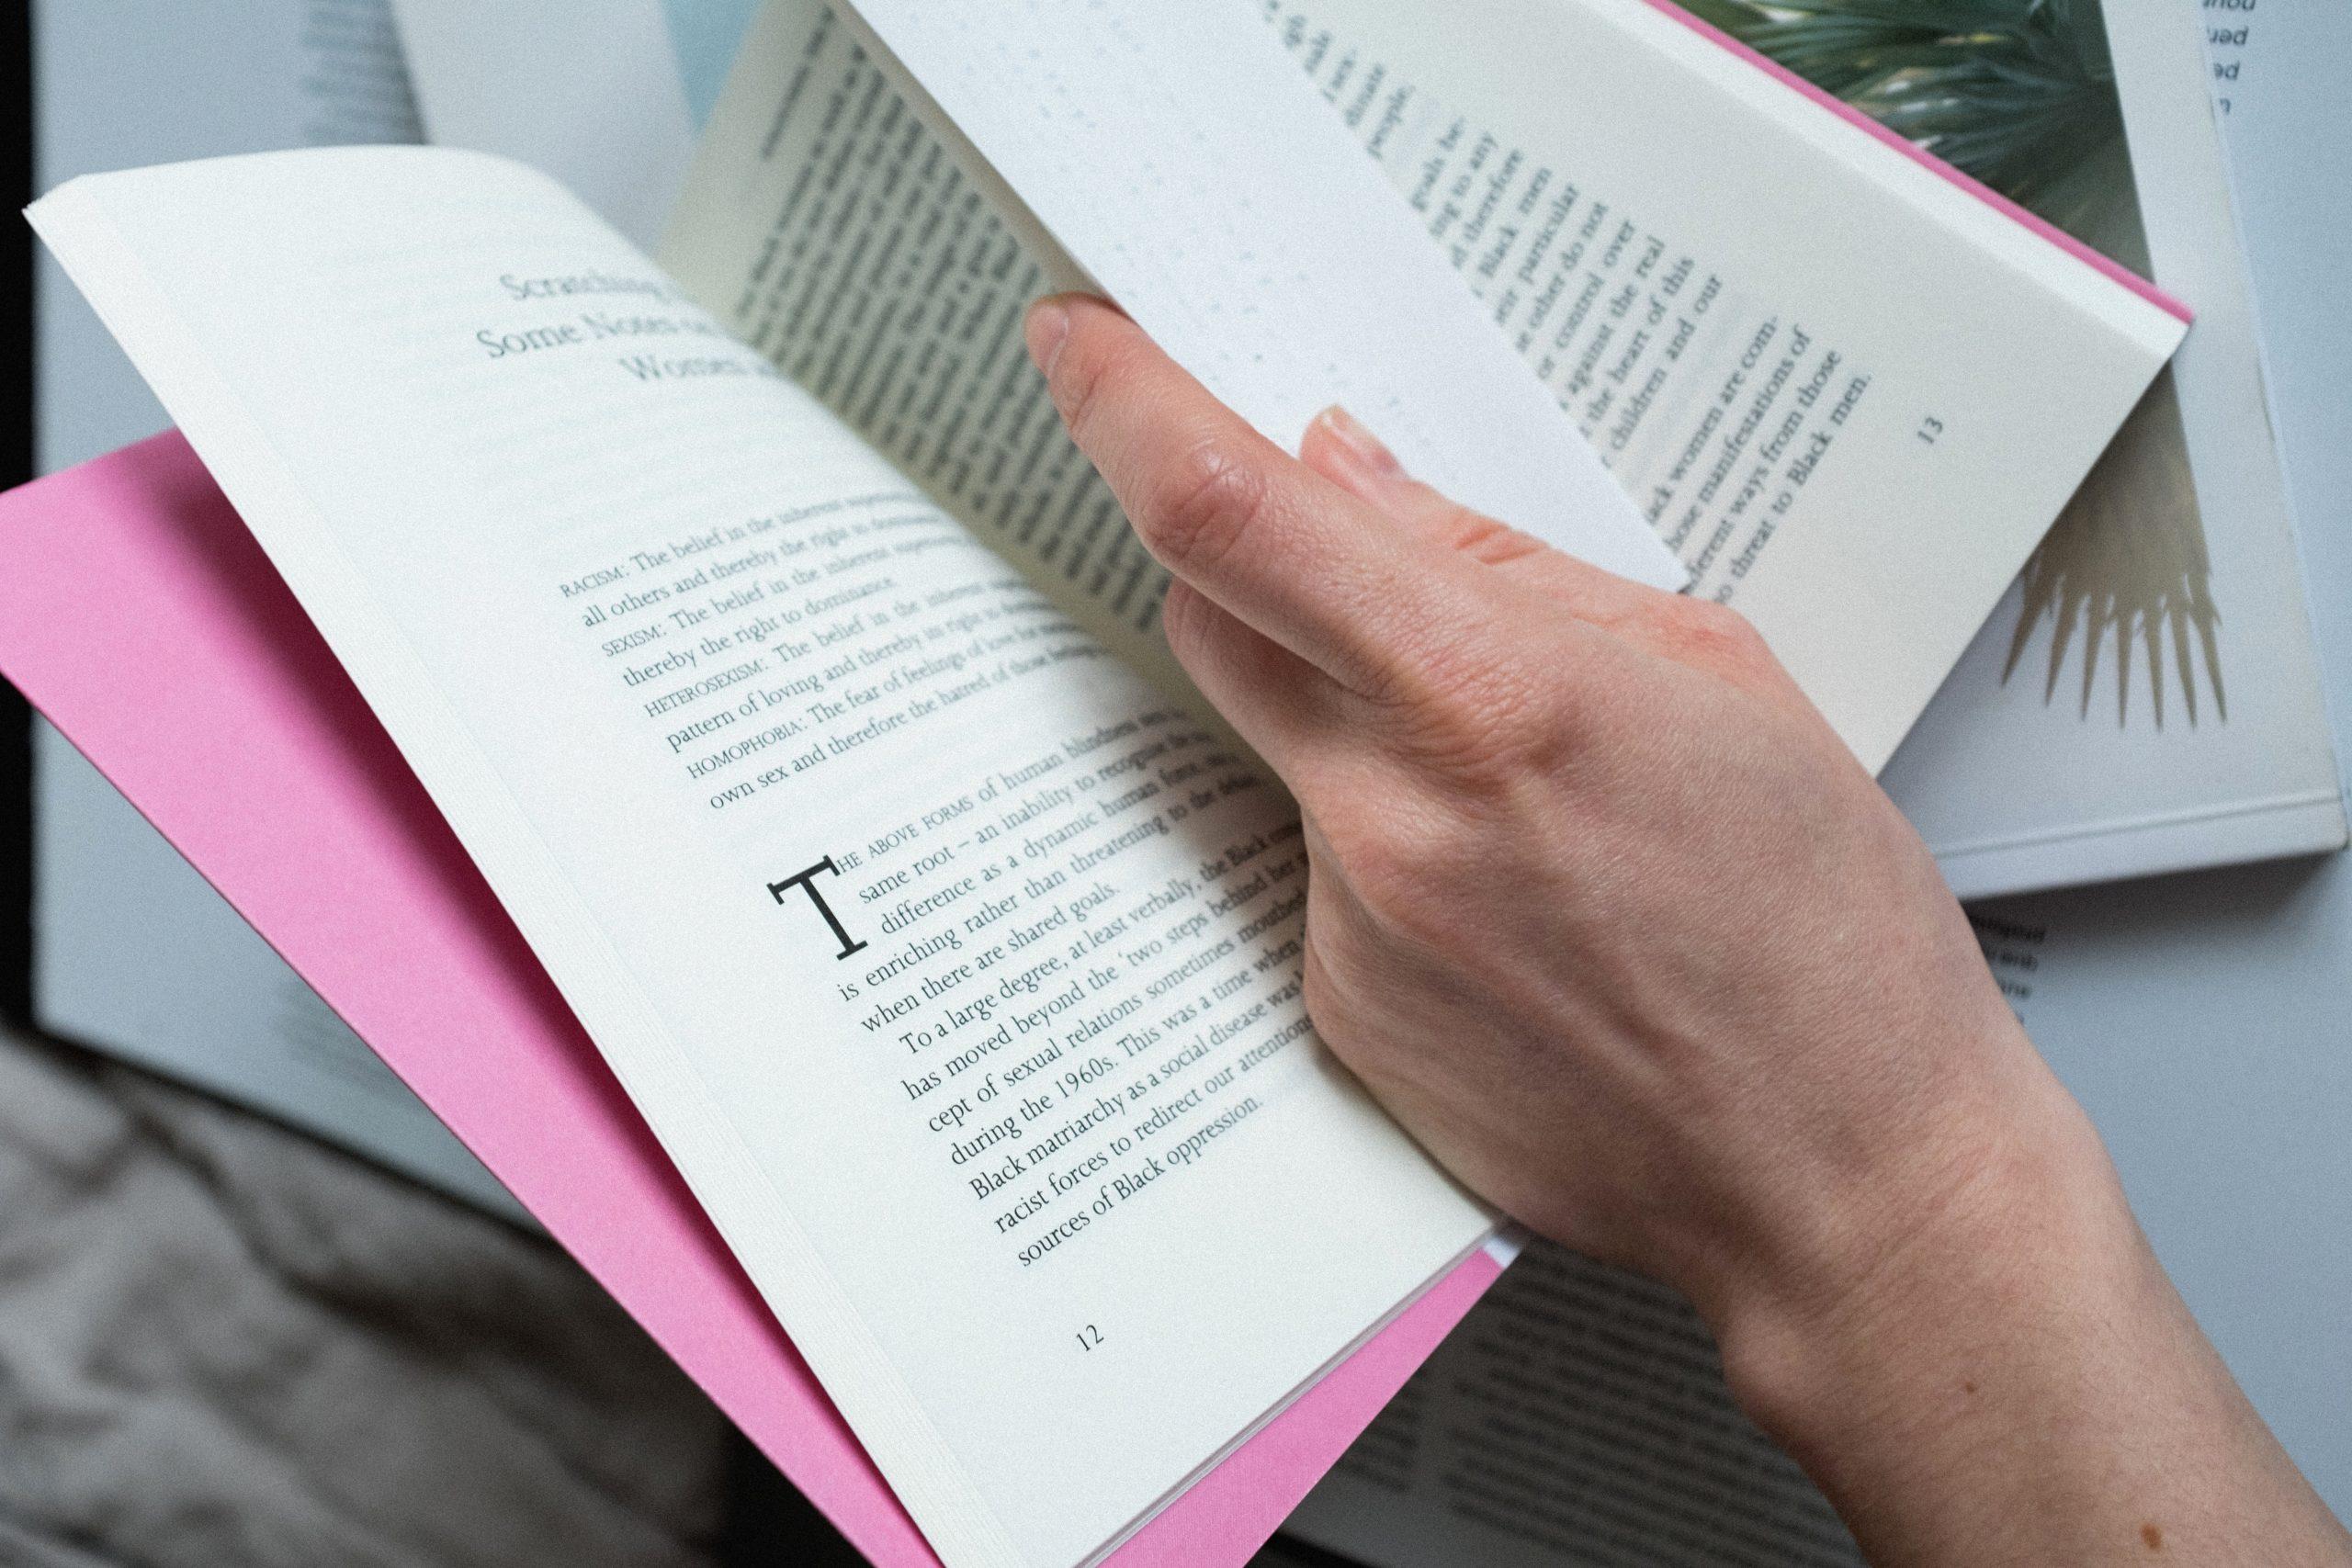 Même les livres ont une odeur, l'avez-vous déjà sentie ?